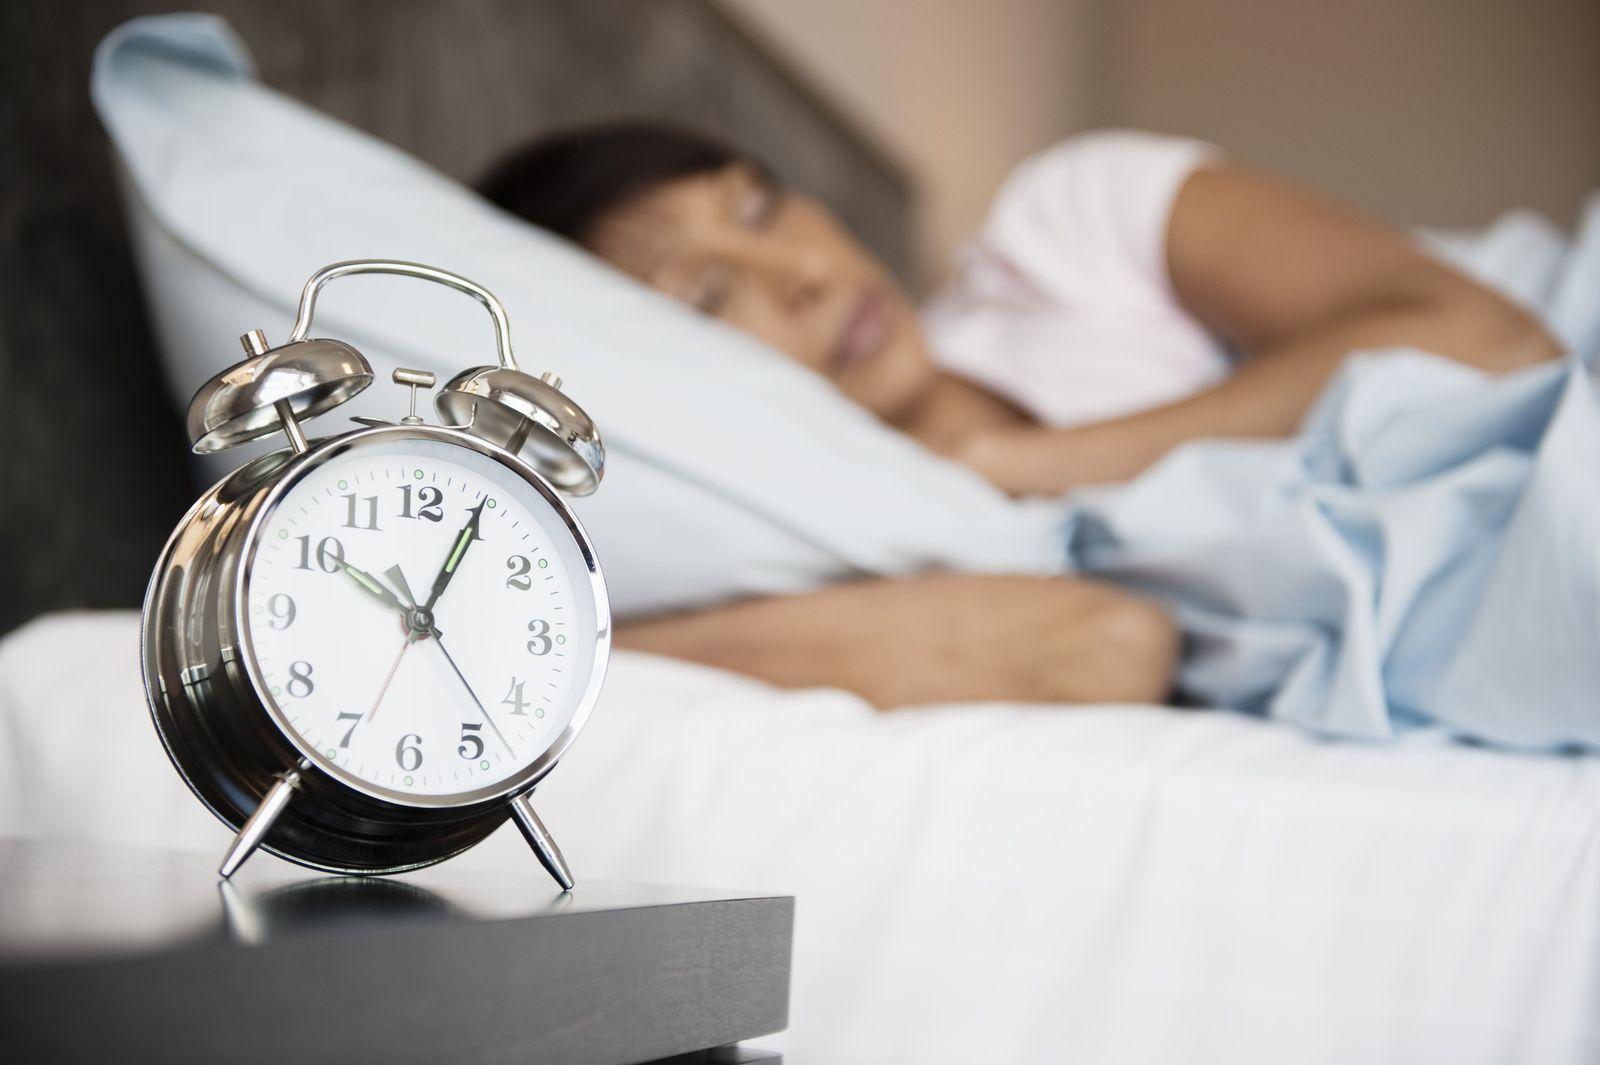 NICHT MEHR VERWENDEN! - Schlafende Frau / Wecker / Ausschlafen / Bett